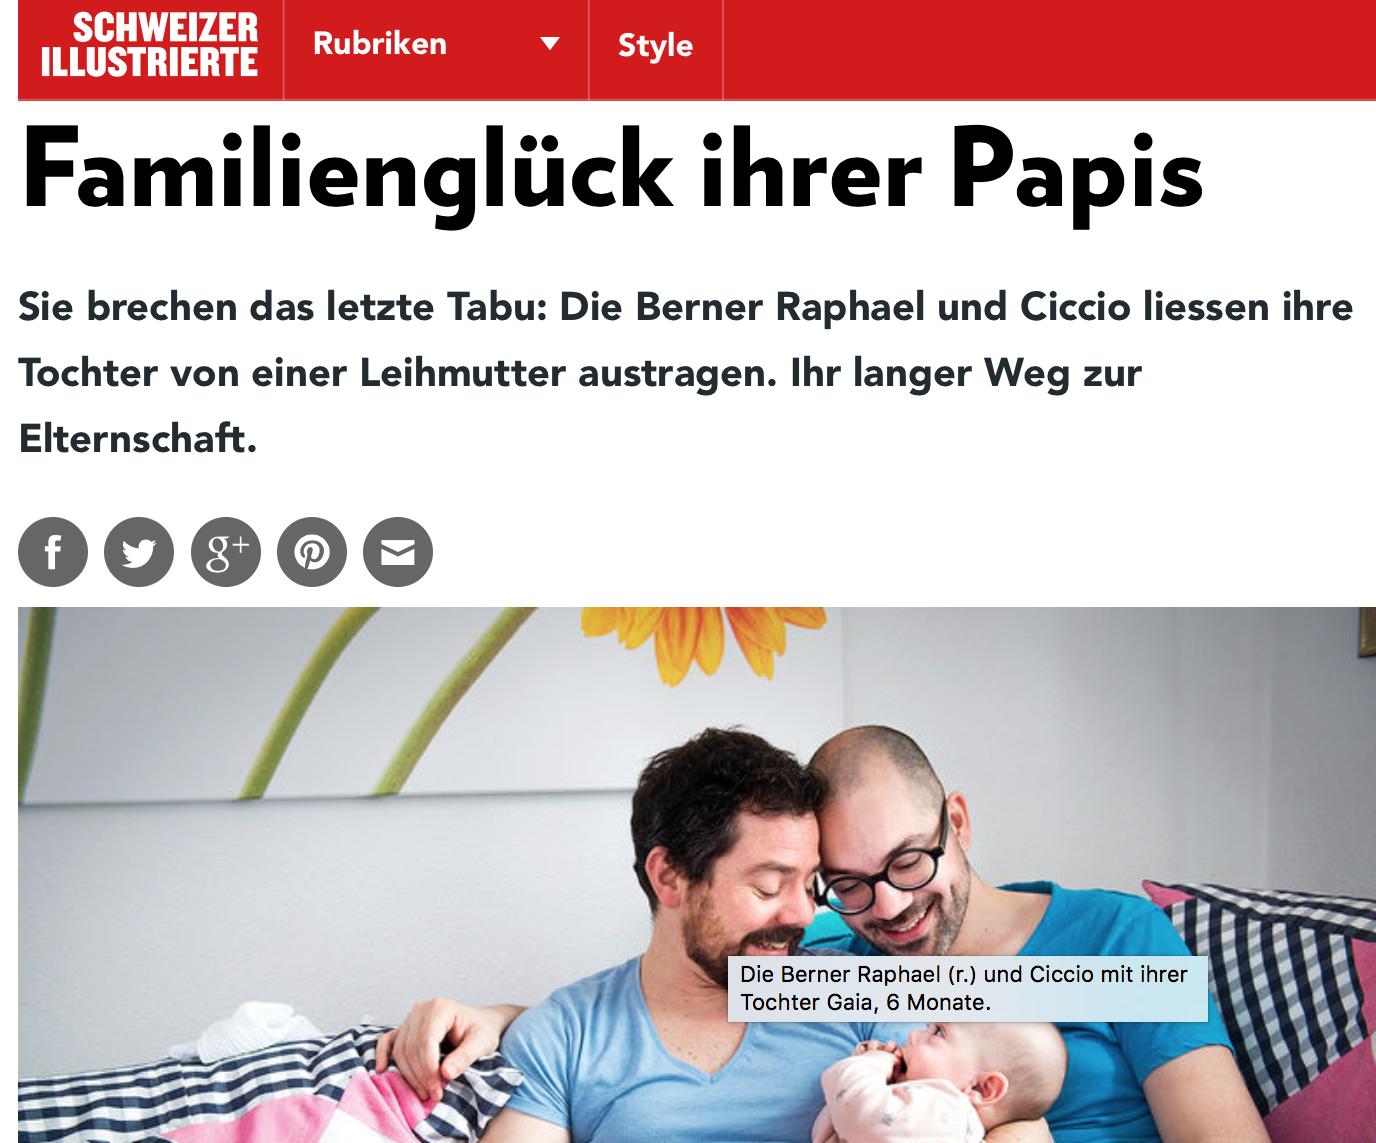 Baby Gaia krönt das Familienglück ihrer Papis